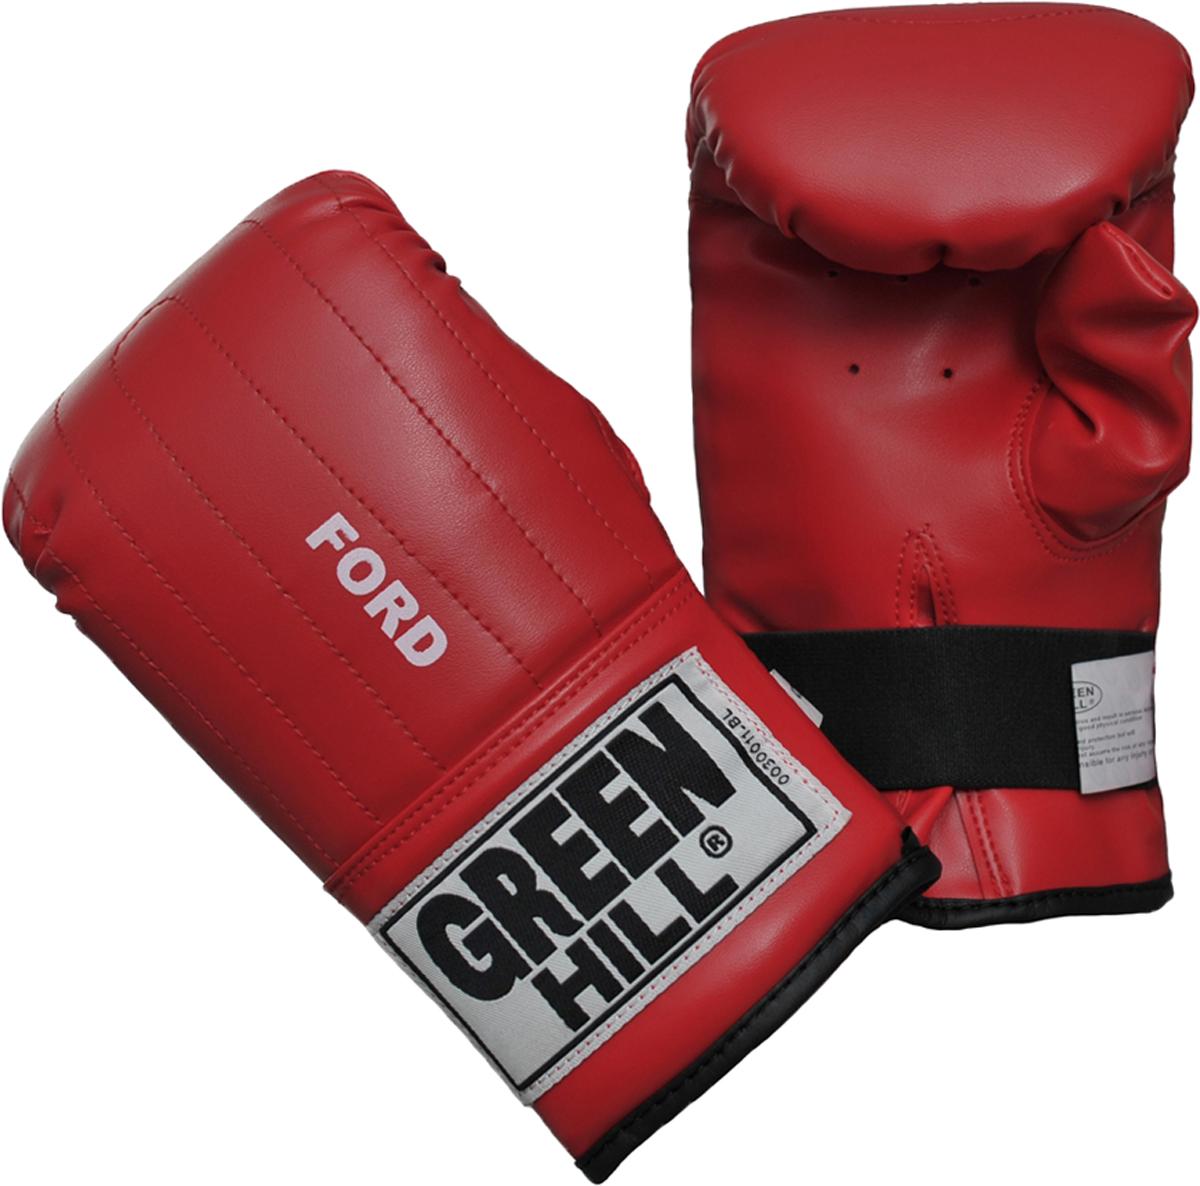 """Перчатки снарядные Green Hill Ford, цвет: красный. PMF-2068. Размер XLPMF-2068Снарядные перчатки """"Ford"""" («блинчики»). Недорогие снарядные перчатки для отработки ударов. Подойдут для домашнего использования и для начинающих спортсменов. Выполнены из иск.кожи, манжет на резинке. Размеры:Замерьте обхват ладони сантиметровой лентой в наиболее широком месте, исключив при этом большой палец рукиРазмер: S M L XLОбхват ладони, см. 17-18 18-19 19-22 23-27"""